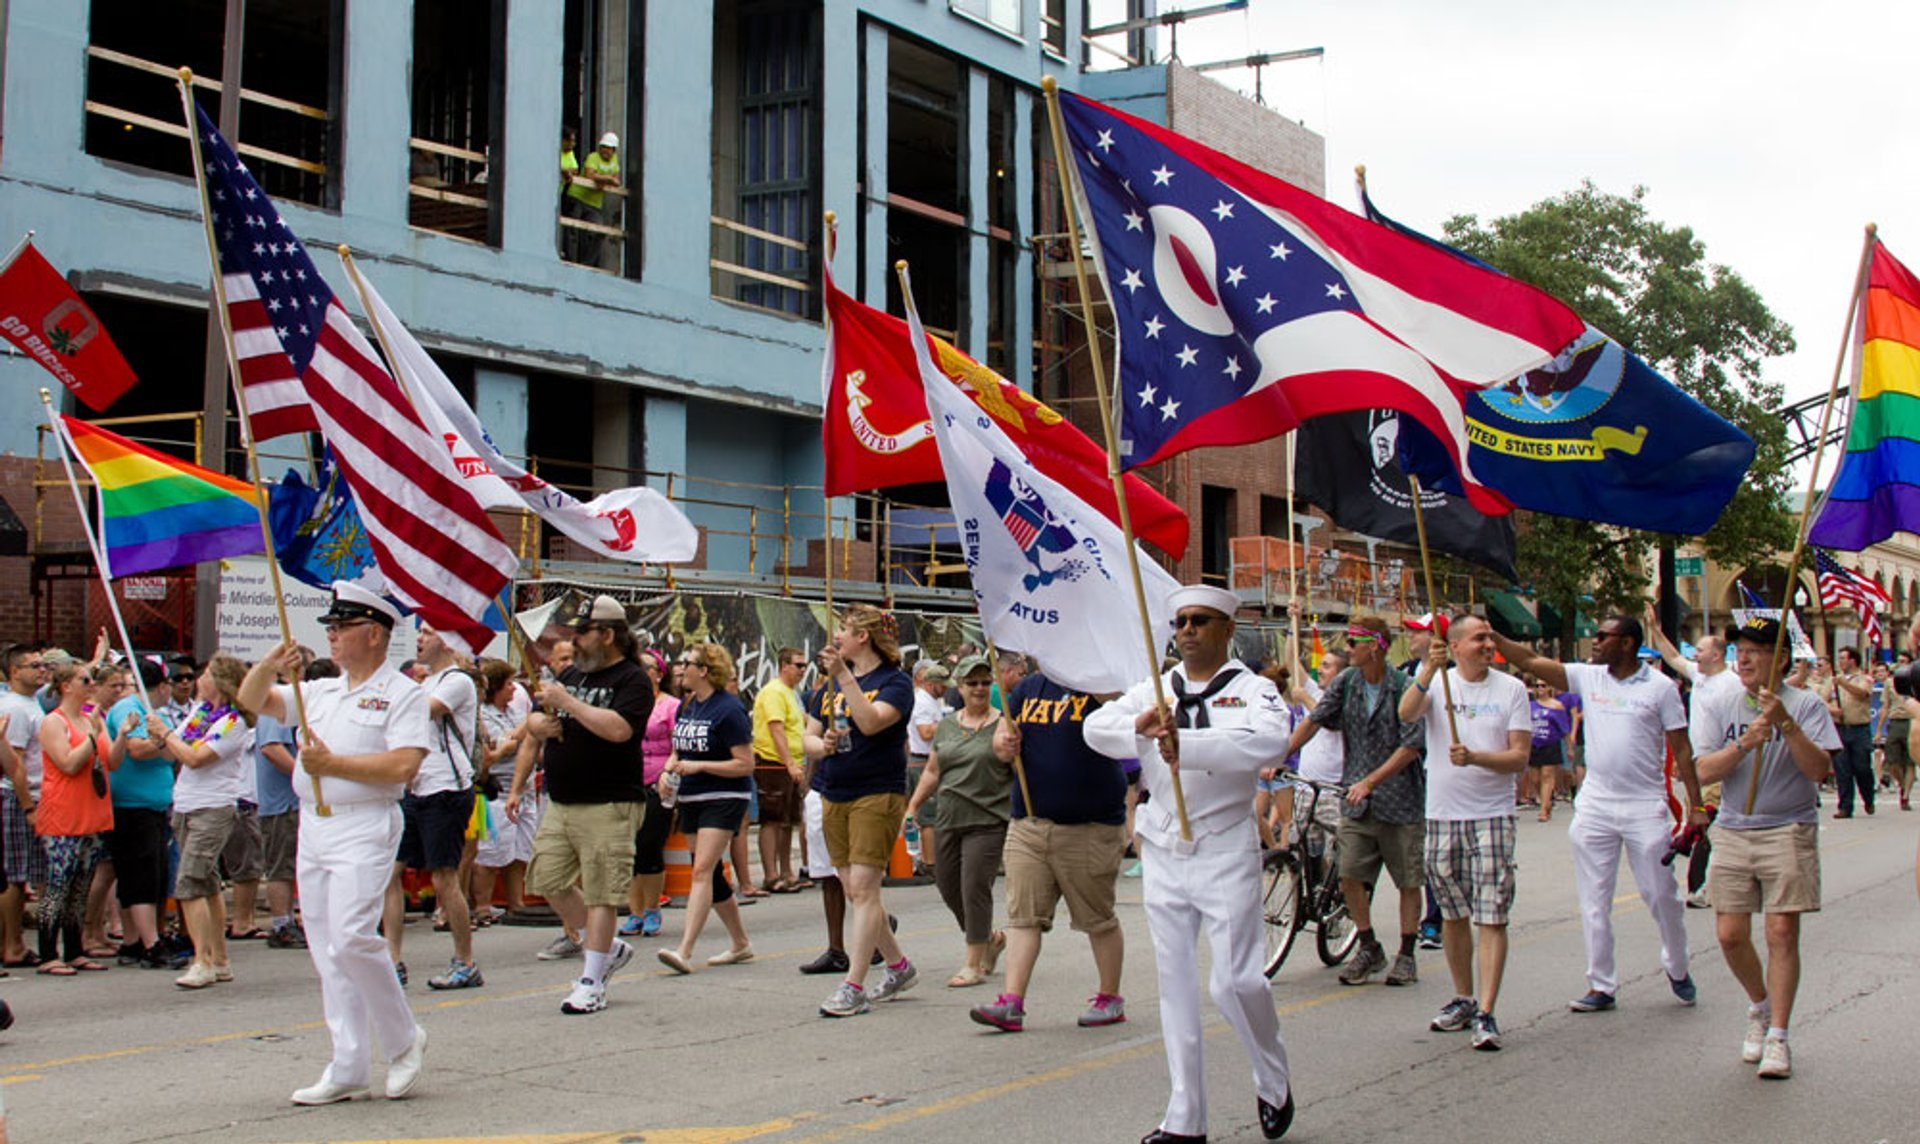 Columbus Pride Festival and Parade in Ohio - Best Season 2020